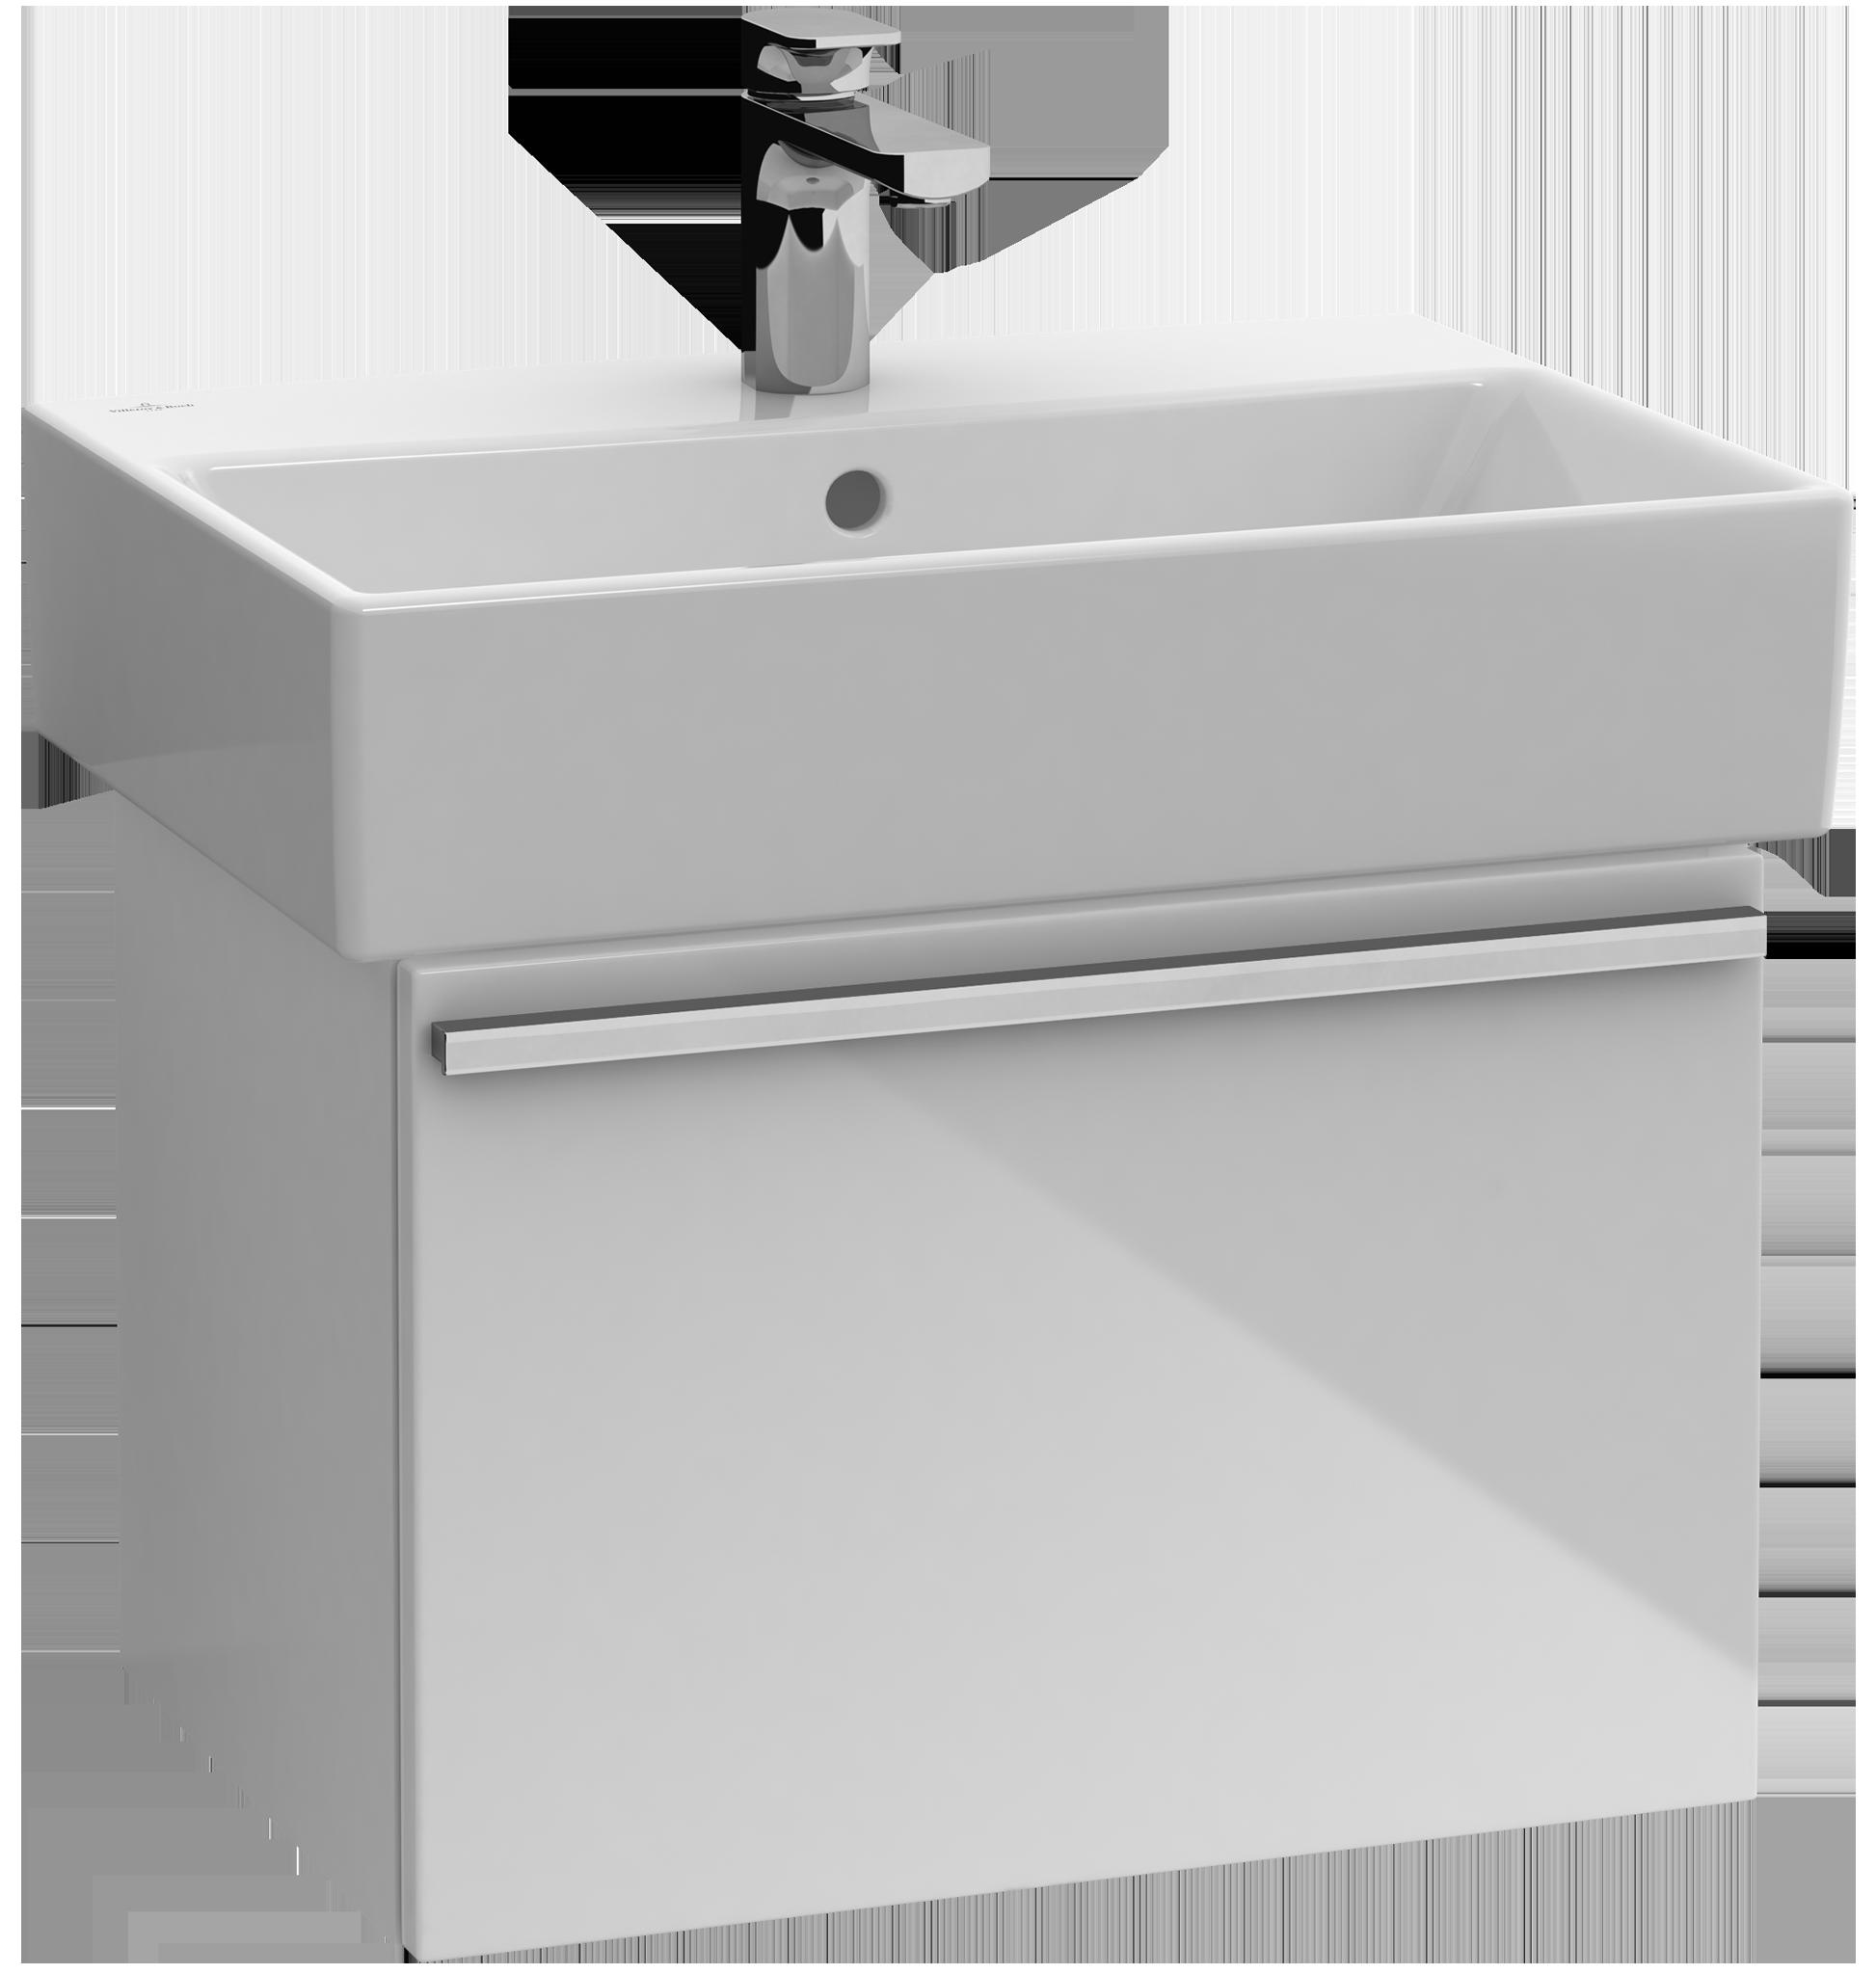 Central line meuble sous lavabo a292p2 villeroy boch - Salle de bain villeroy et boch ...